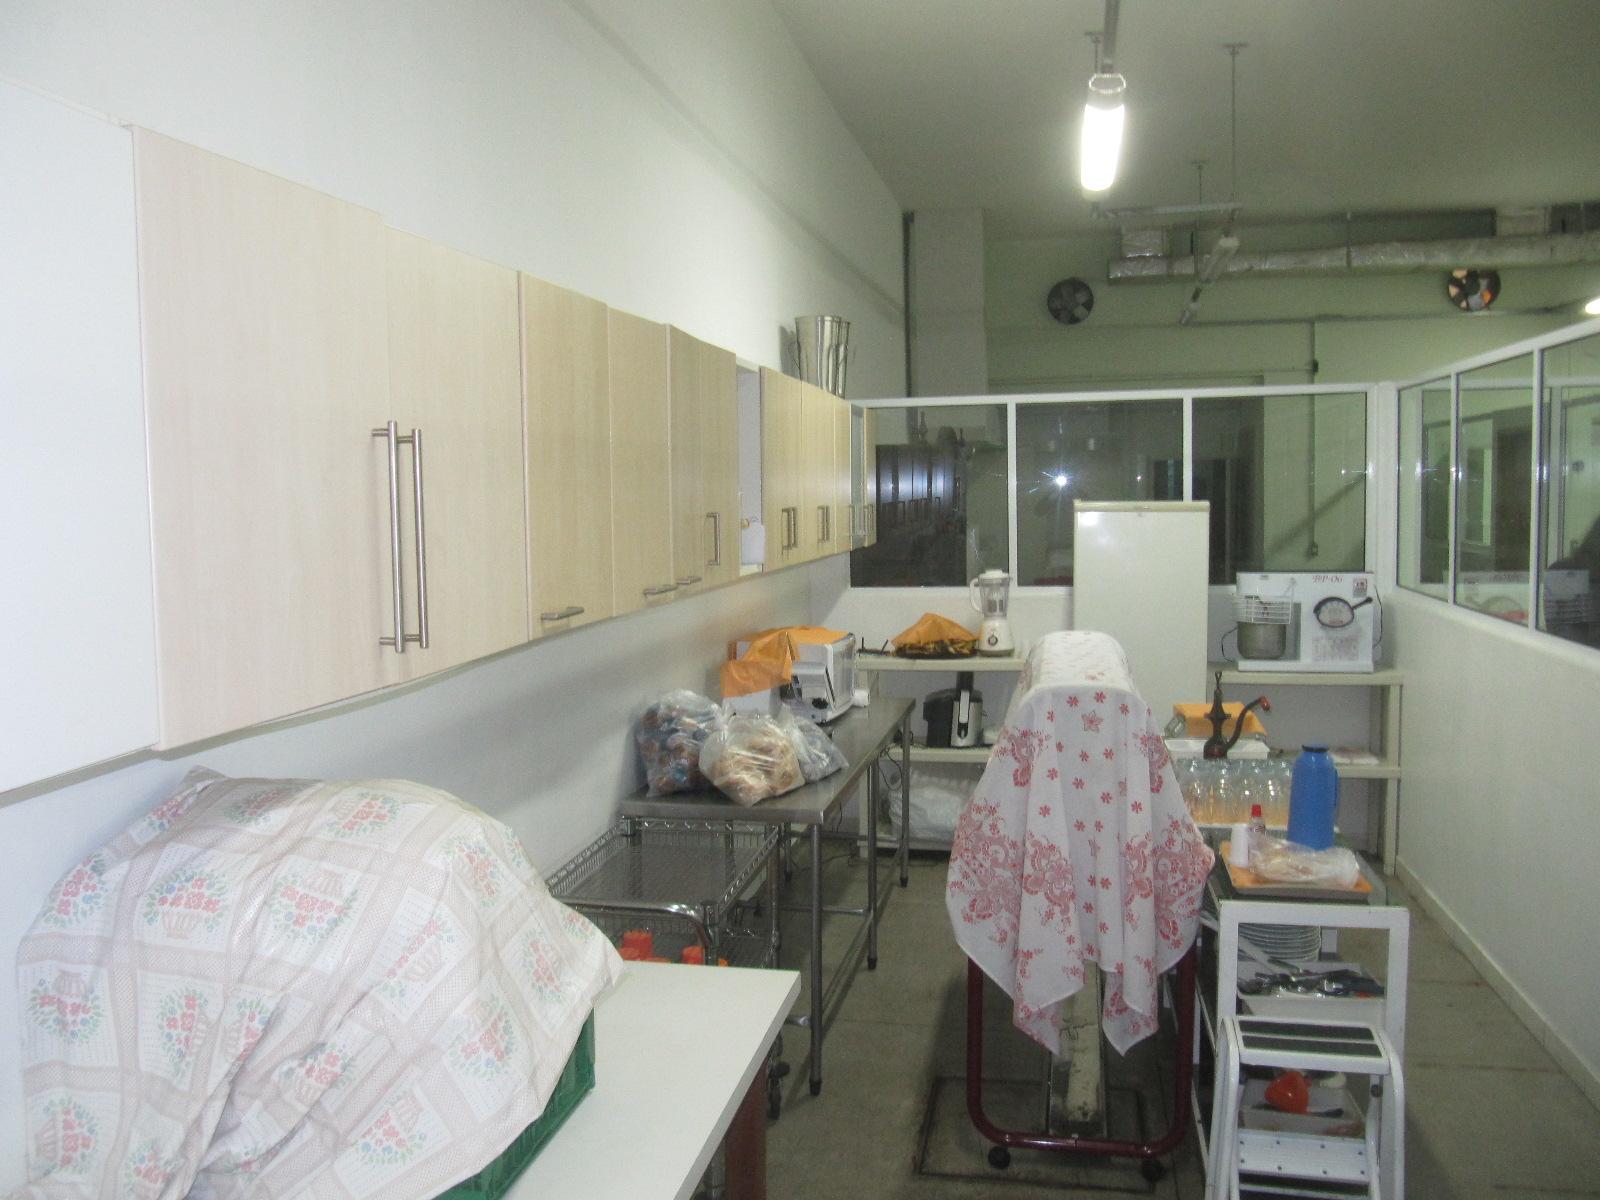 Projetos Manual de Boas Práticas e Projeto Arquitetônico da Cozinha  #7B7150 1600 1200